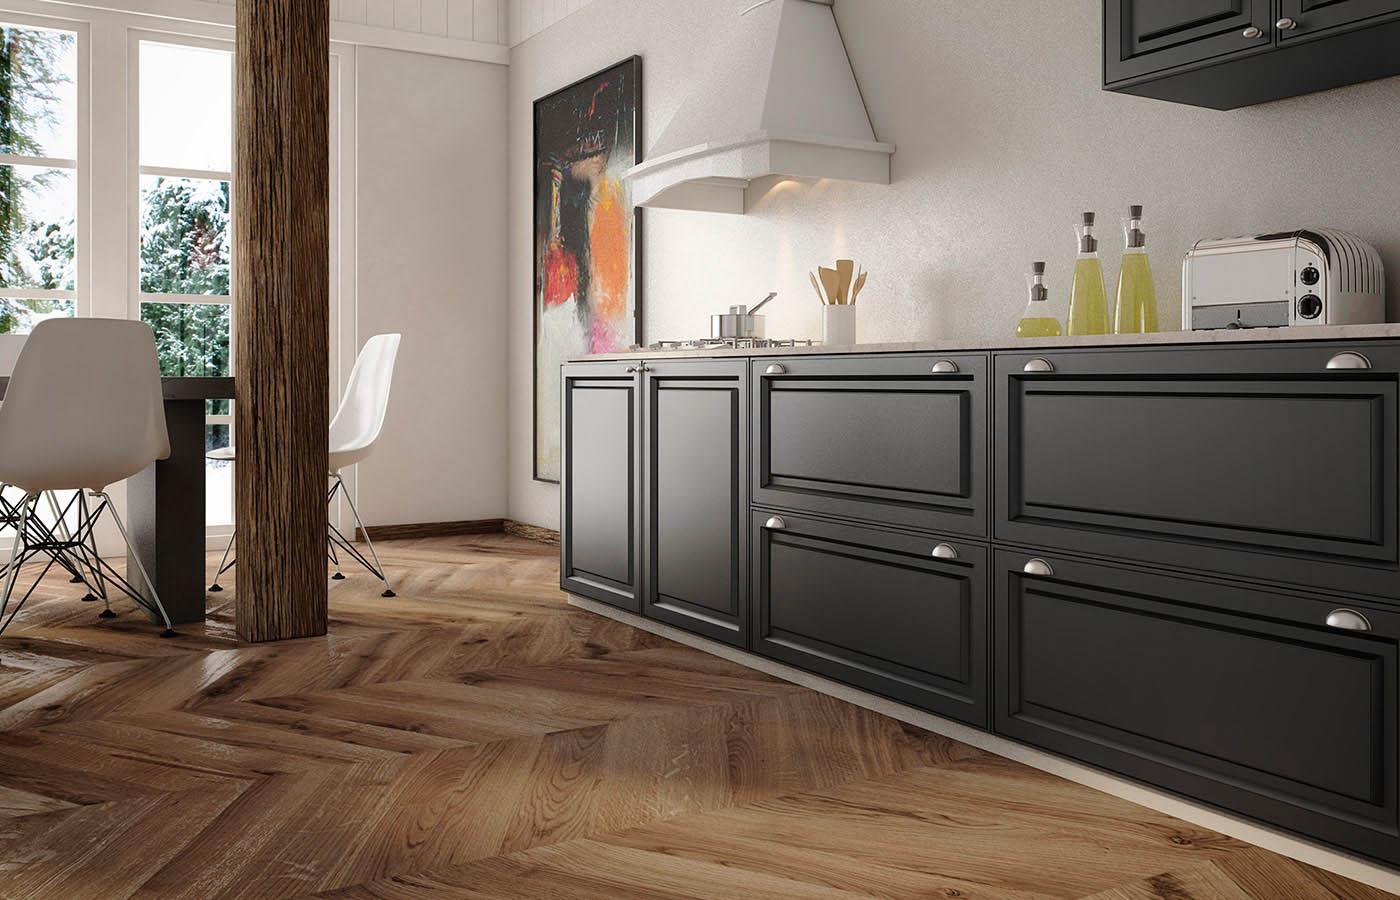 Cocinas rusticas. Muebles de cocina para cocinas rusticas